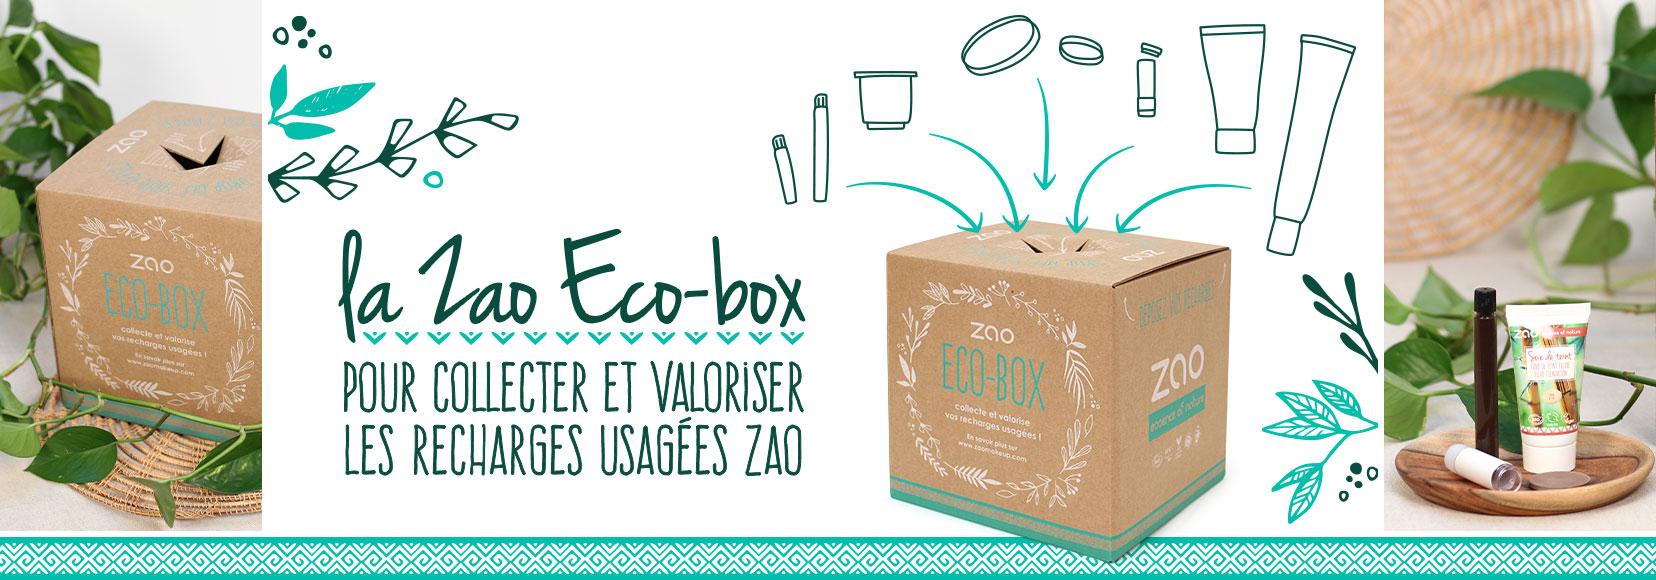 La Zao Eco-box